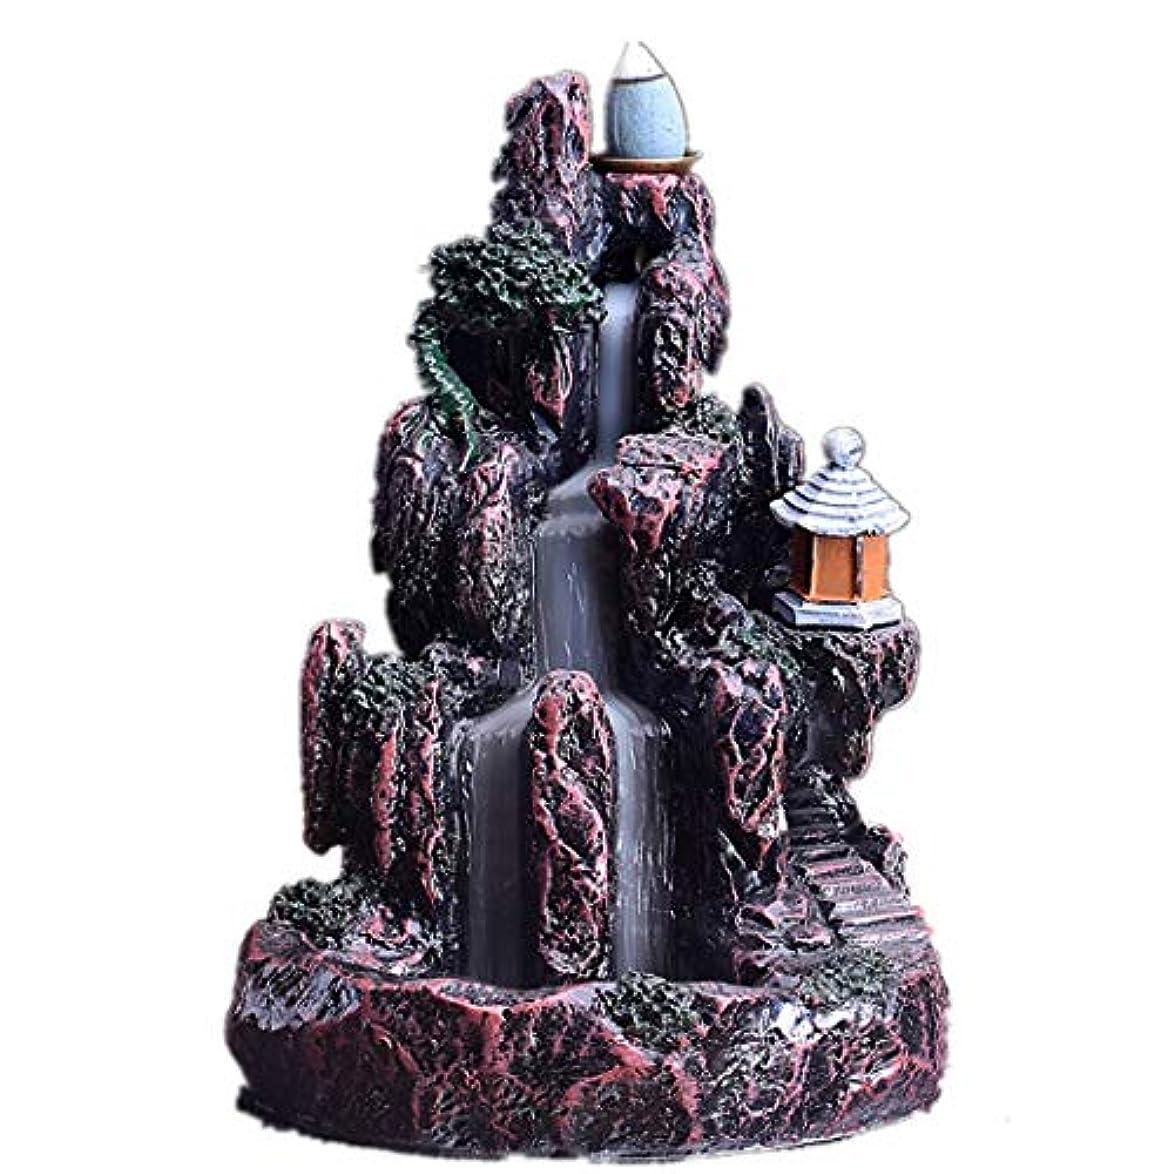 機械的ヒューマニスティック愛情深いXPPXPP Backflow Incense Burner, Household Ceramic Returning Cone-shaped Candlestick Burner